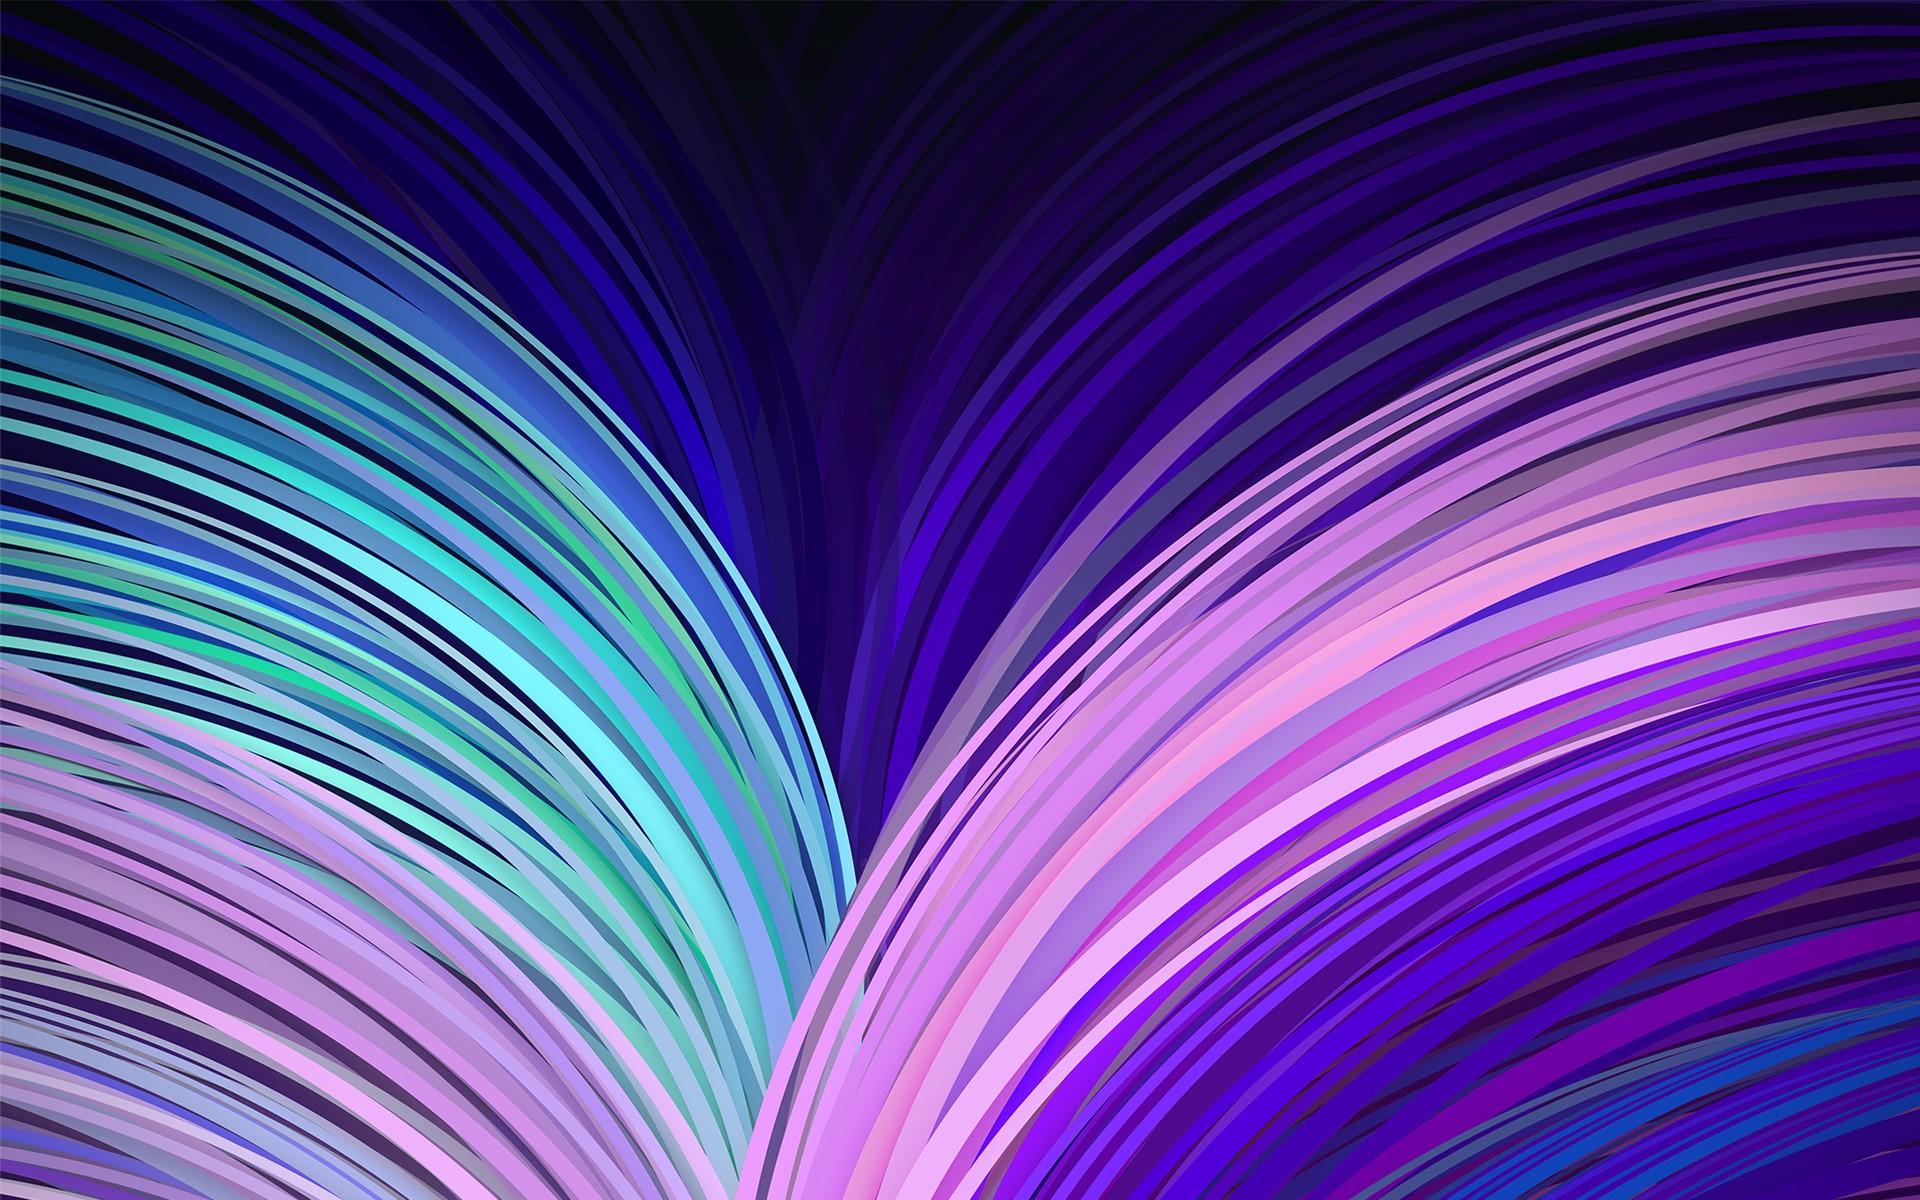 Neon flow hd desktop hd 3d 4k wallpapers images - Neon hd wallpaper for mobile ...